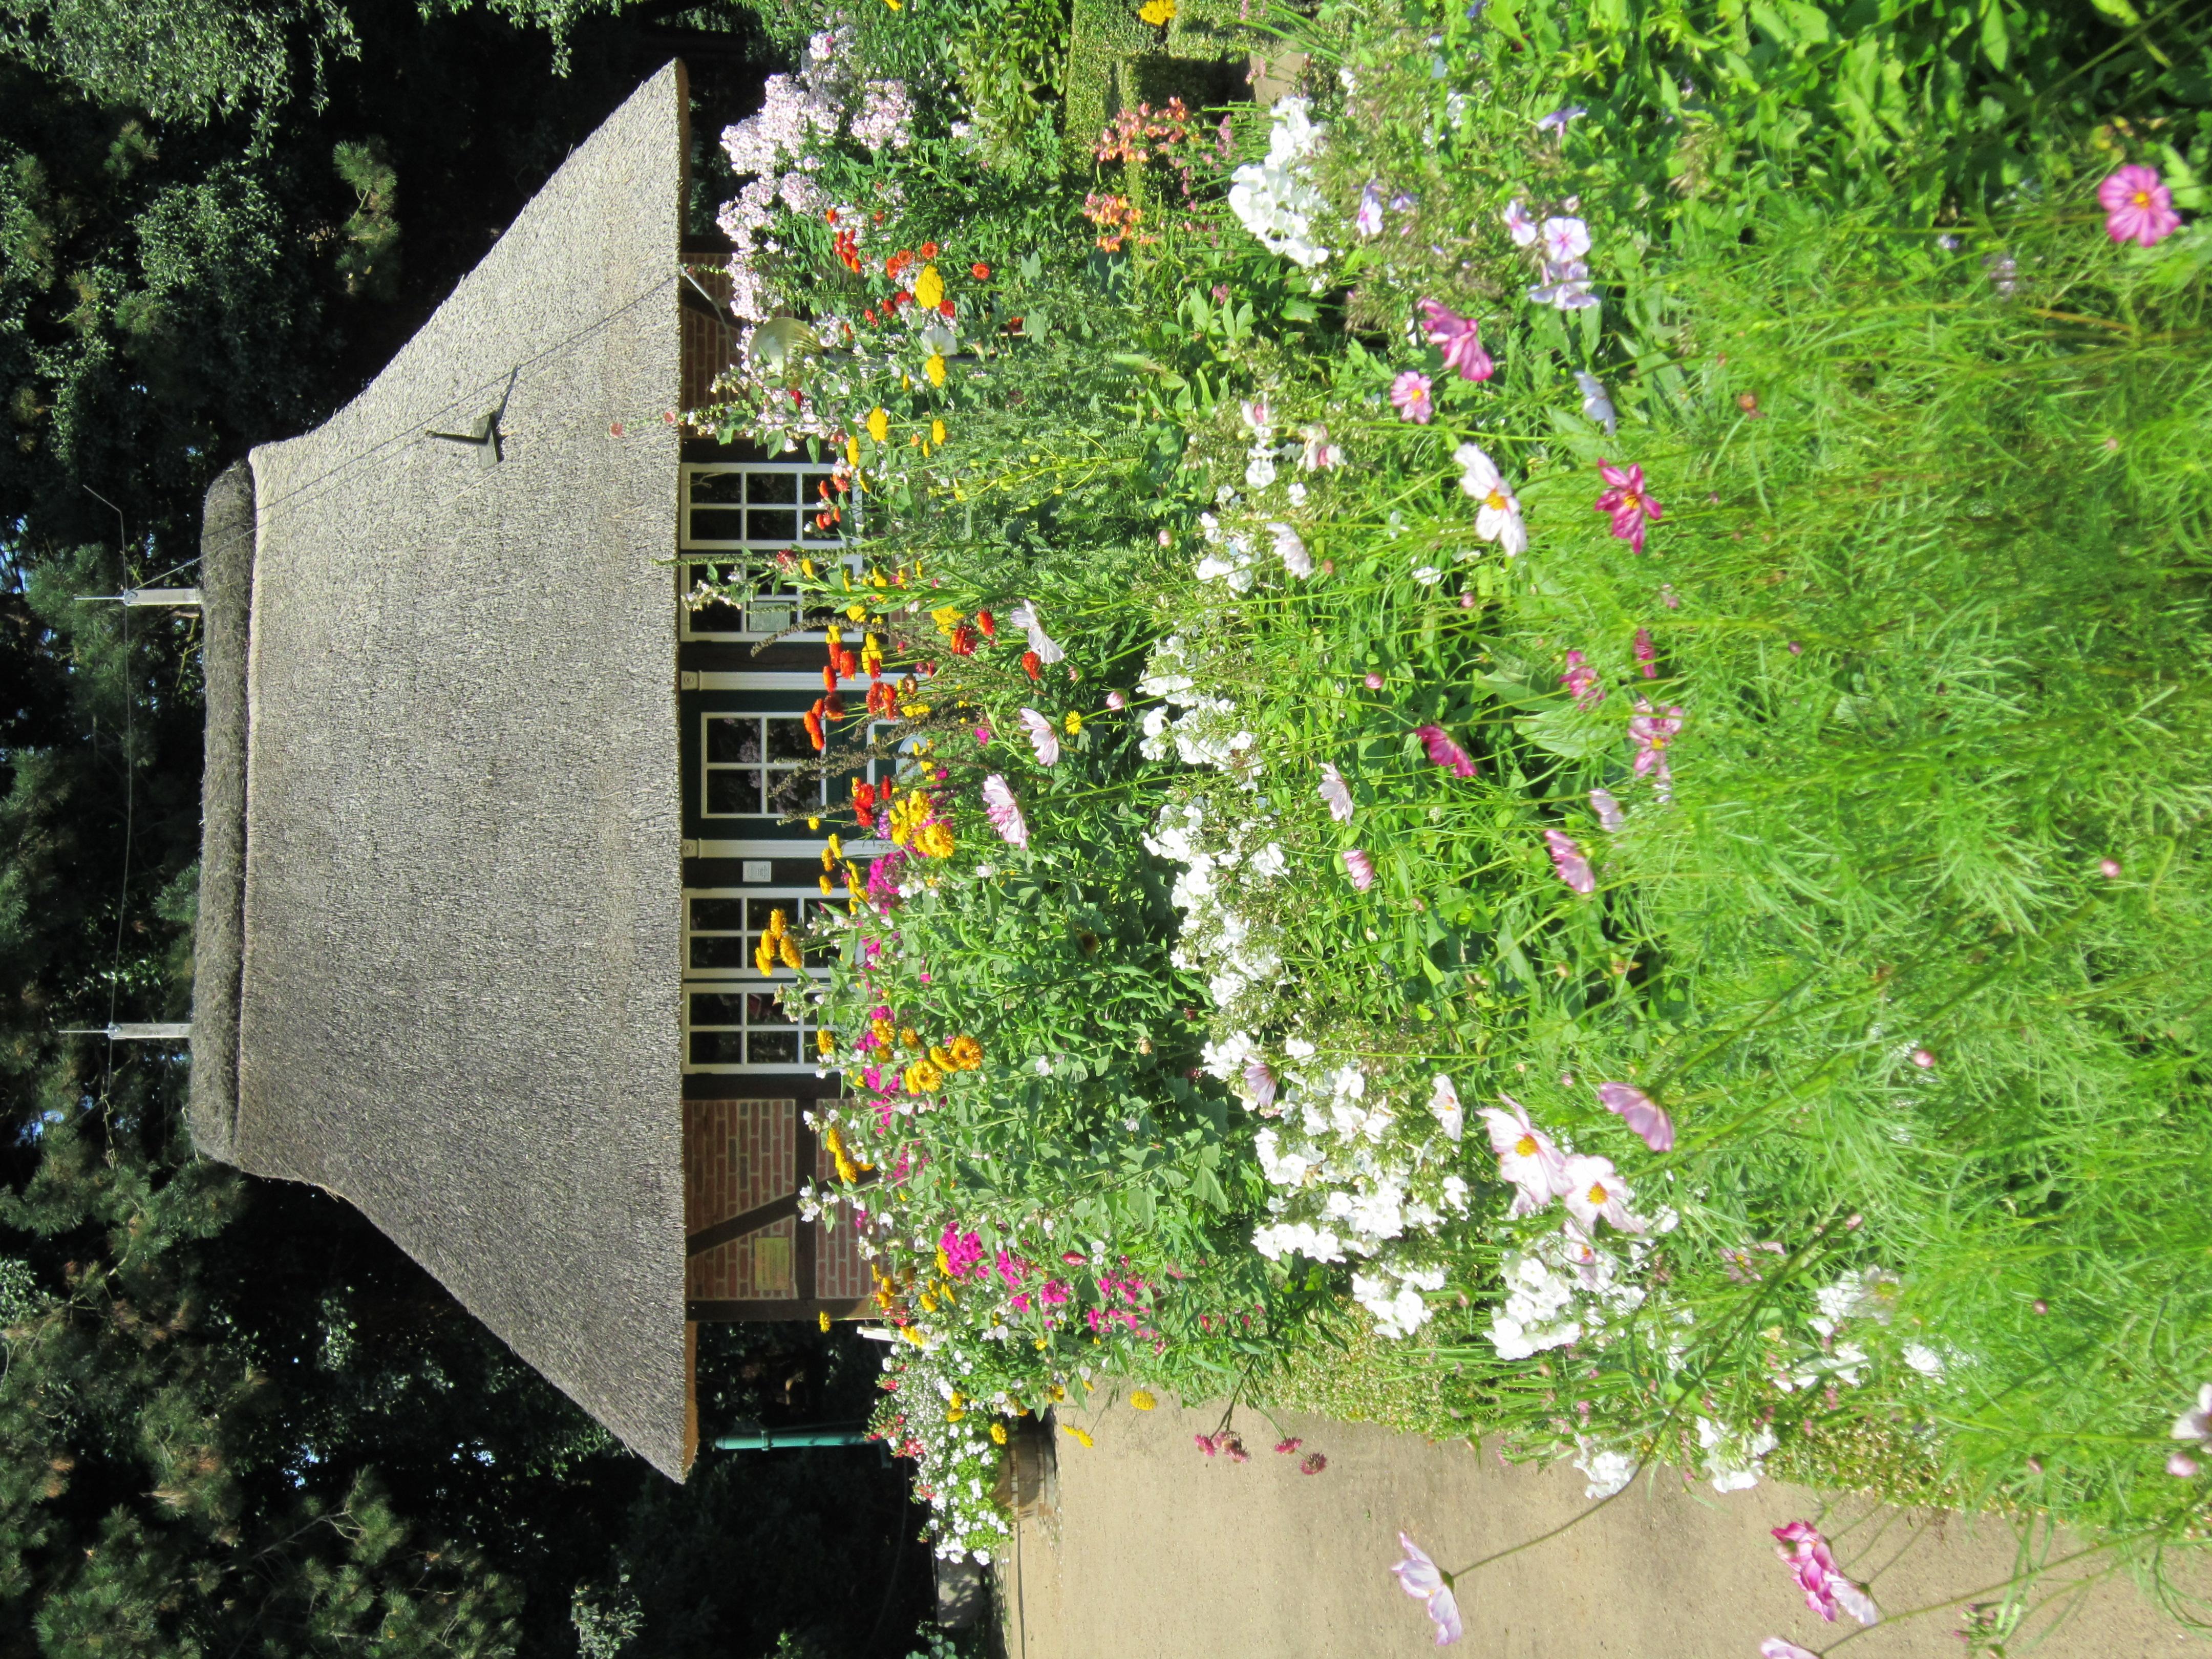 Fileloki Schmidt Garten Bauerngartenjpg Wikimedia Commons